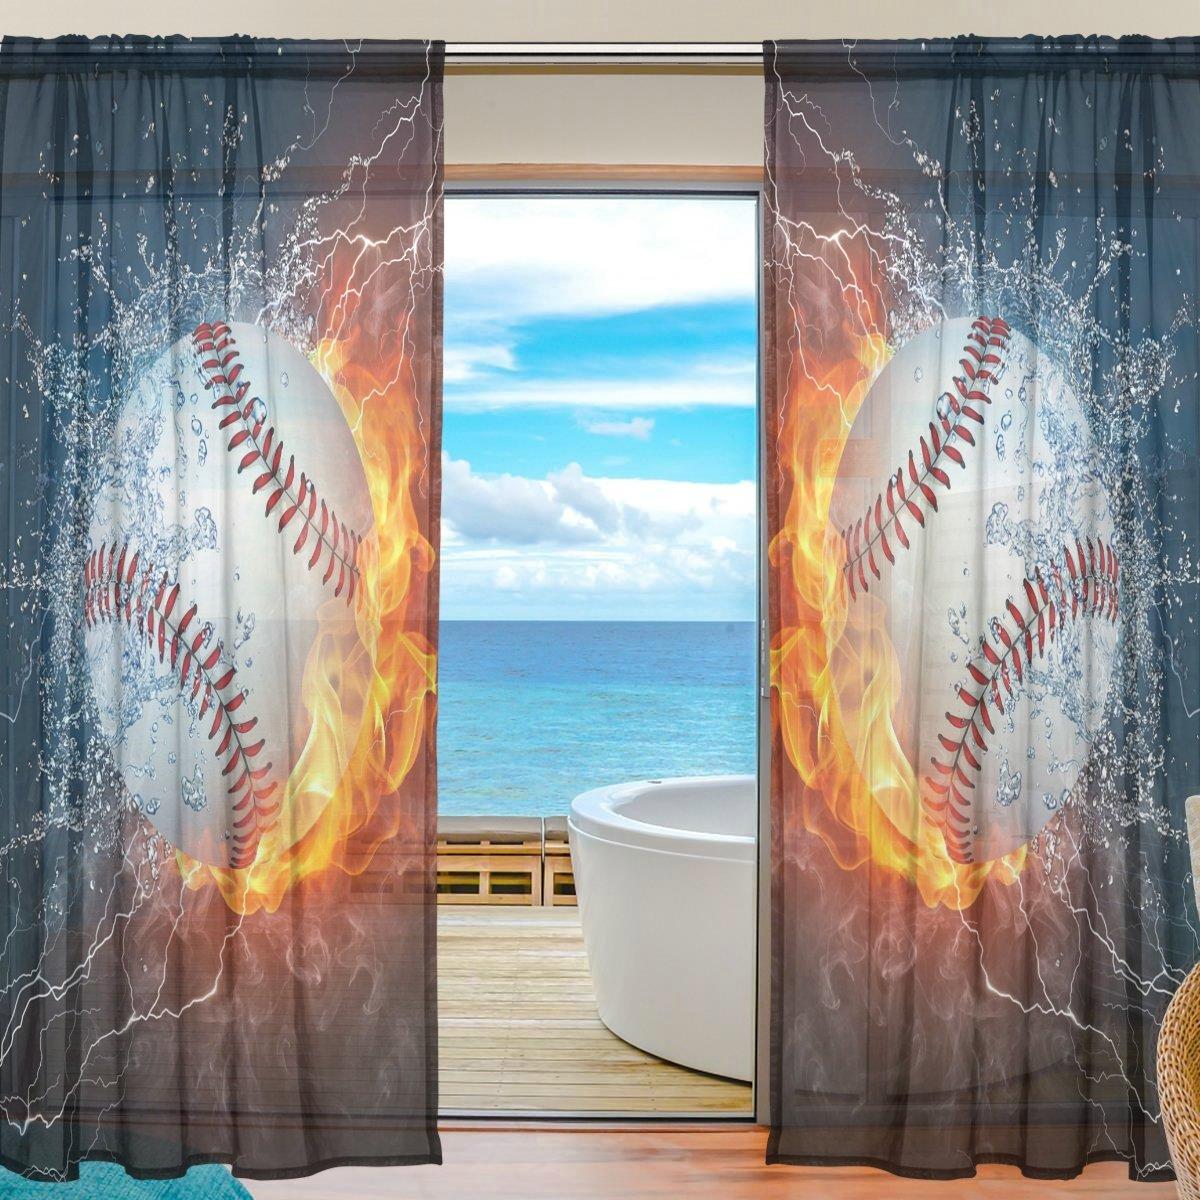 seulifeウィンドウ薄手のカーテン、スポーツボール野球Fire 55